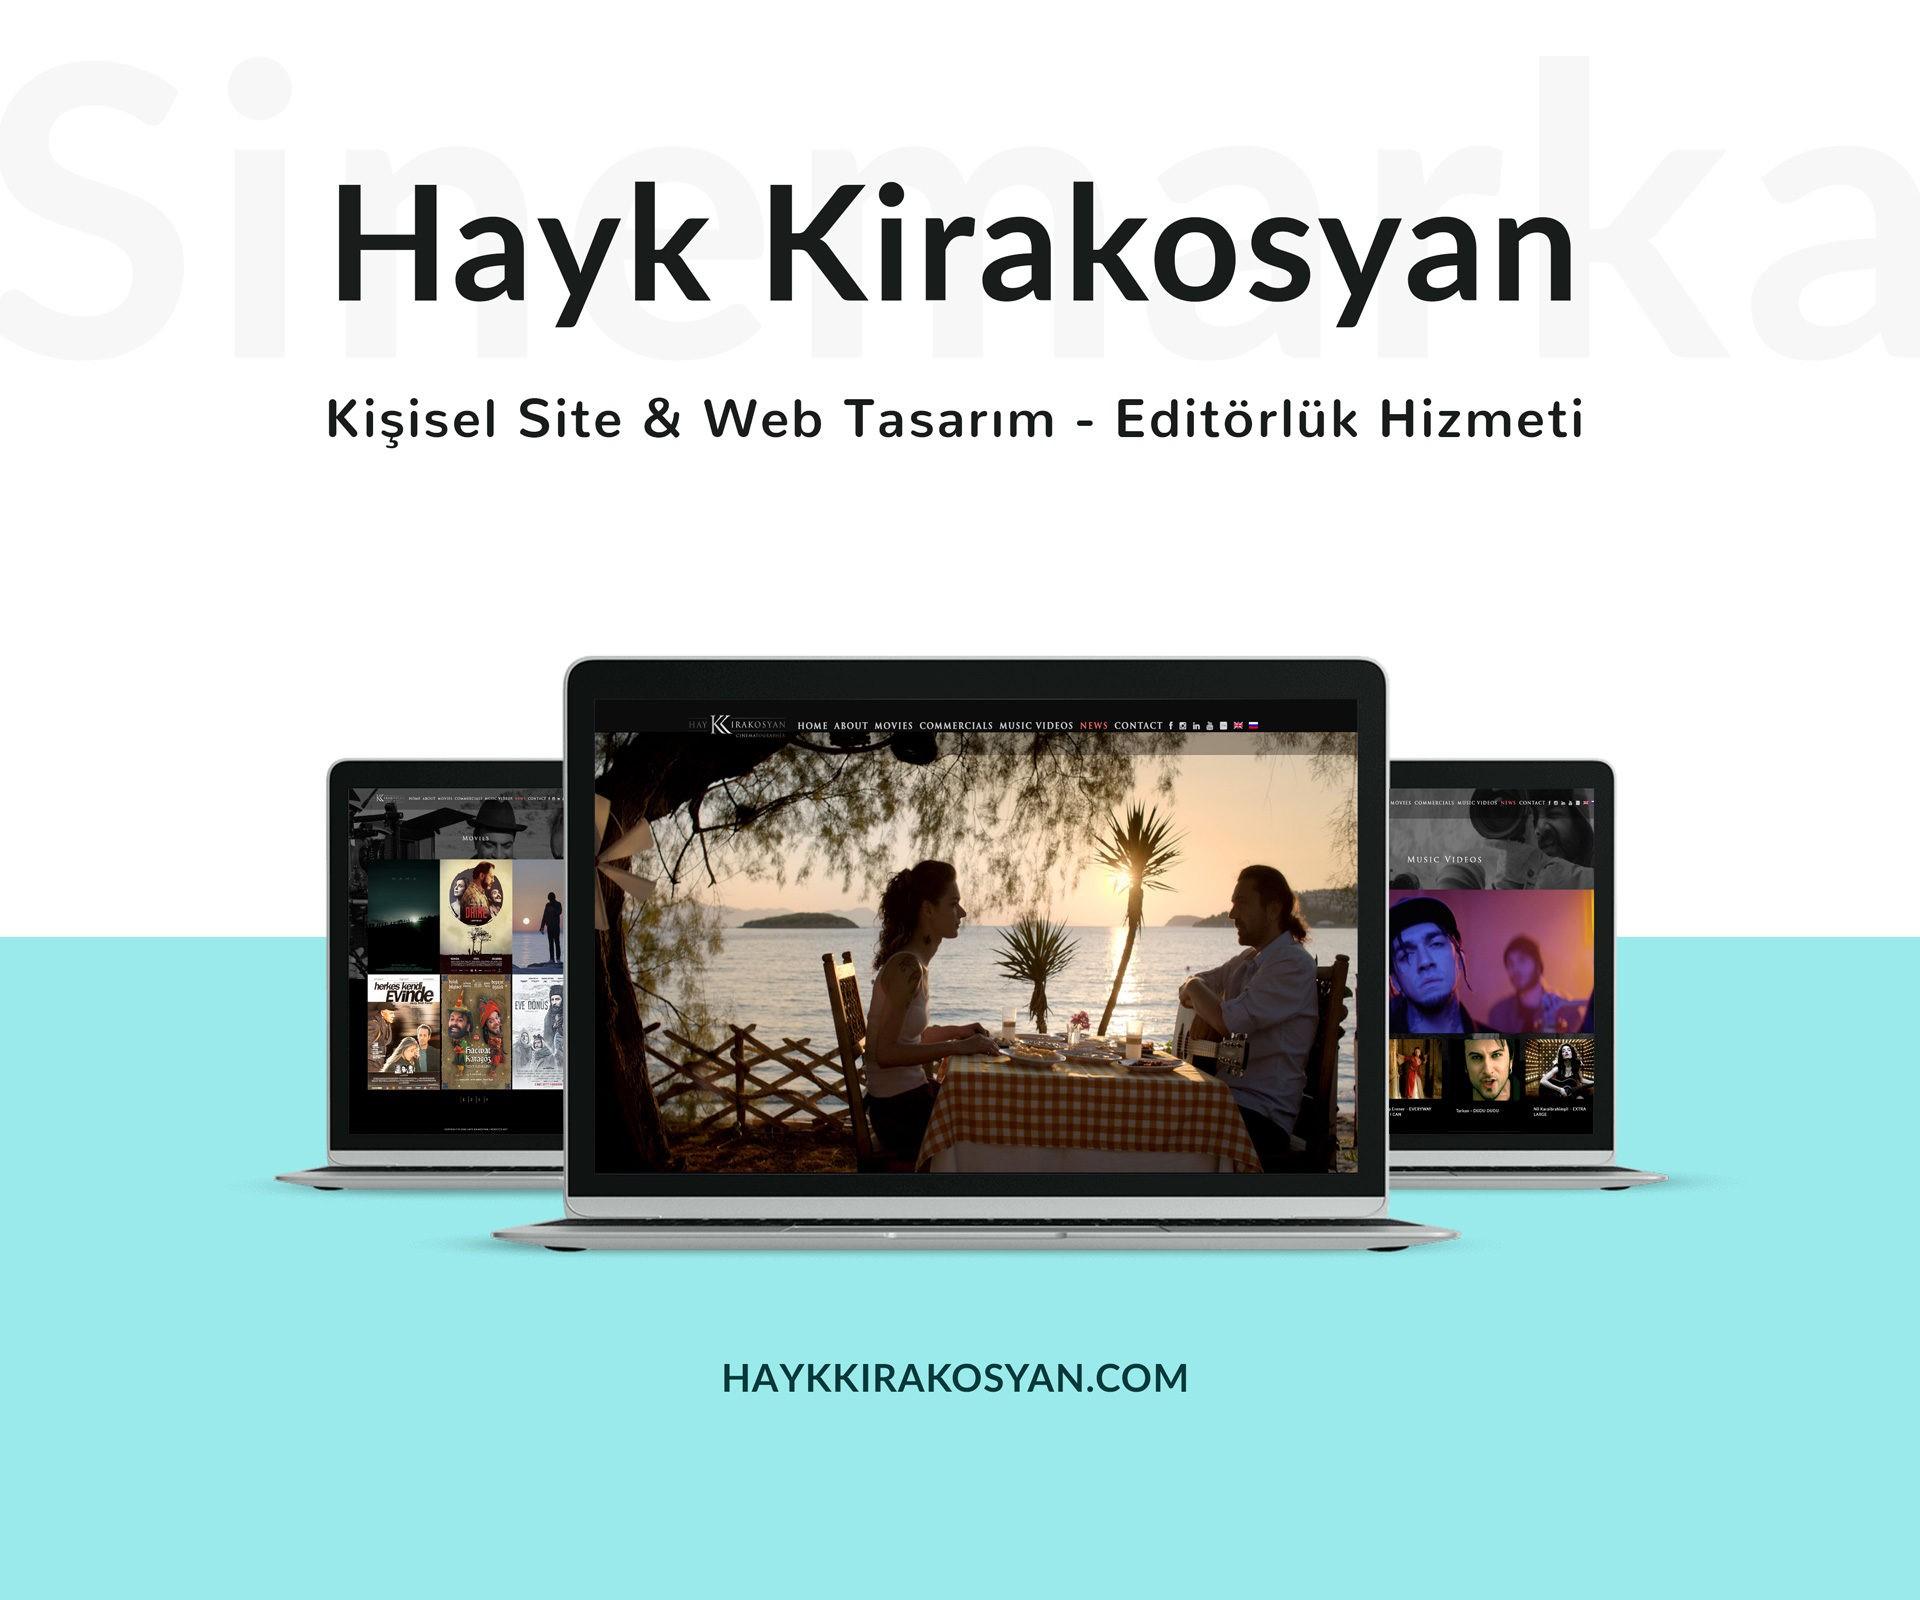 haykkirakosyan 1